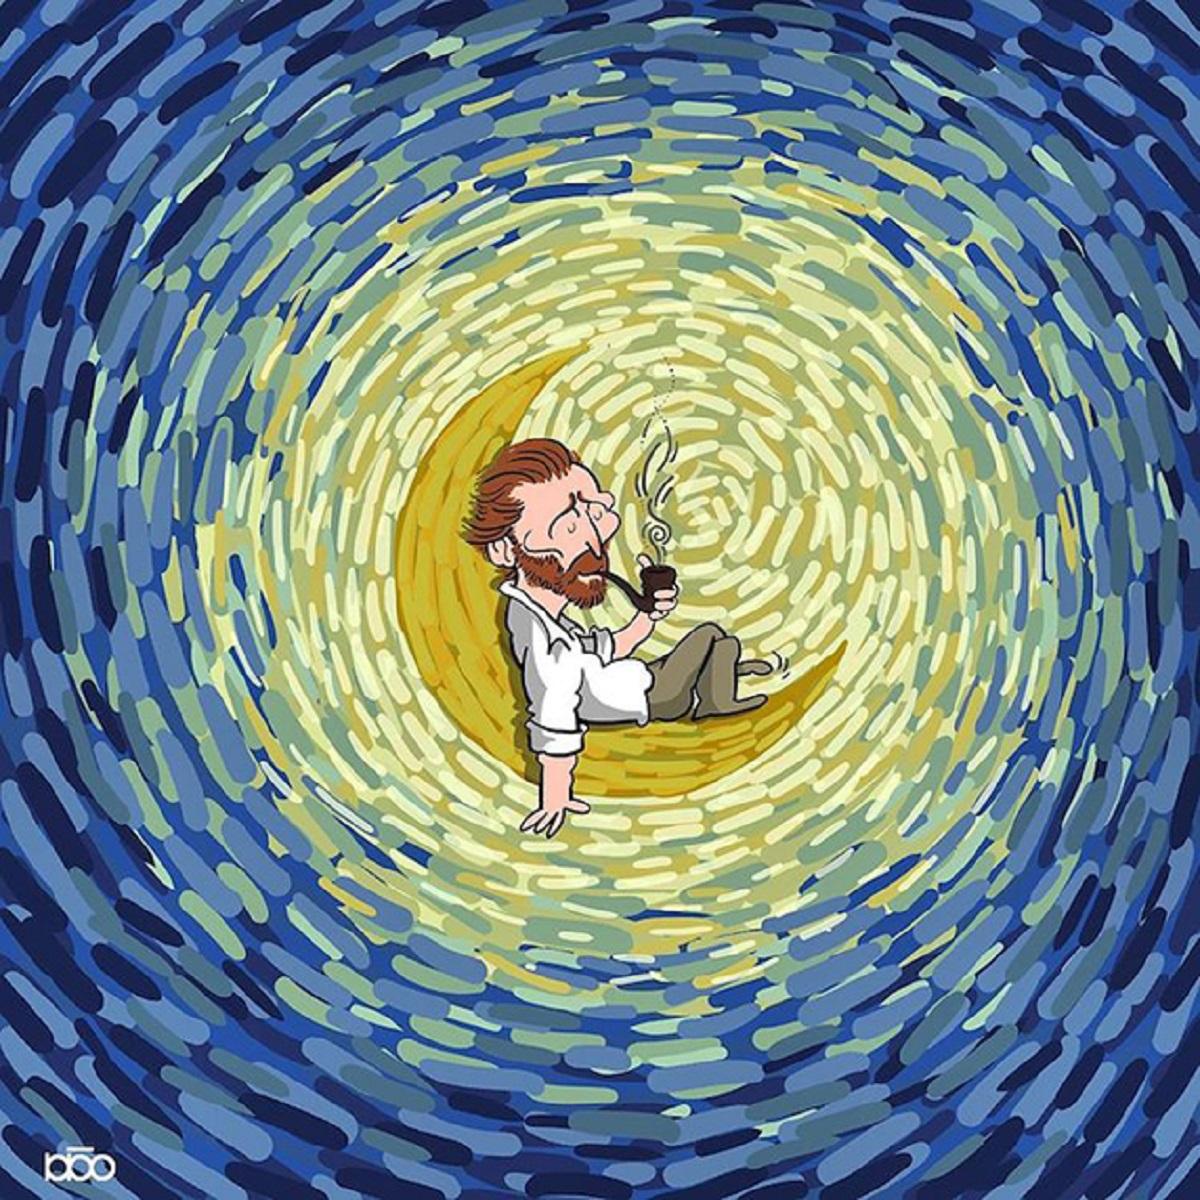 Karimi Van Gogh 10 - Ilustrador Iraniano desenhou a vida de Van Gogh em lindos quadrinhos